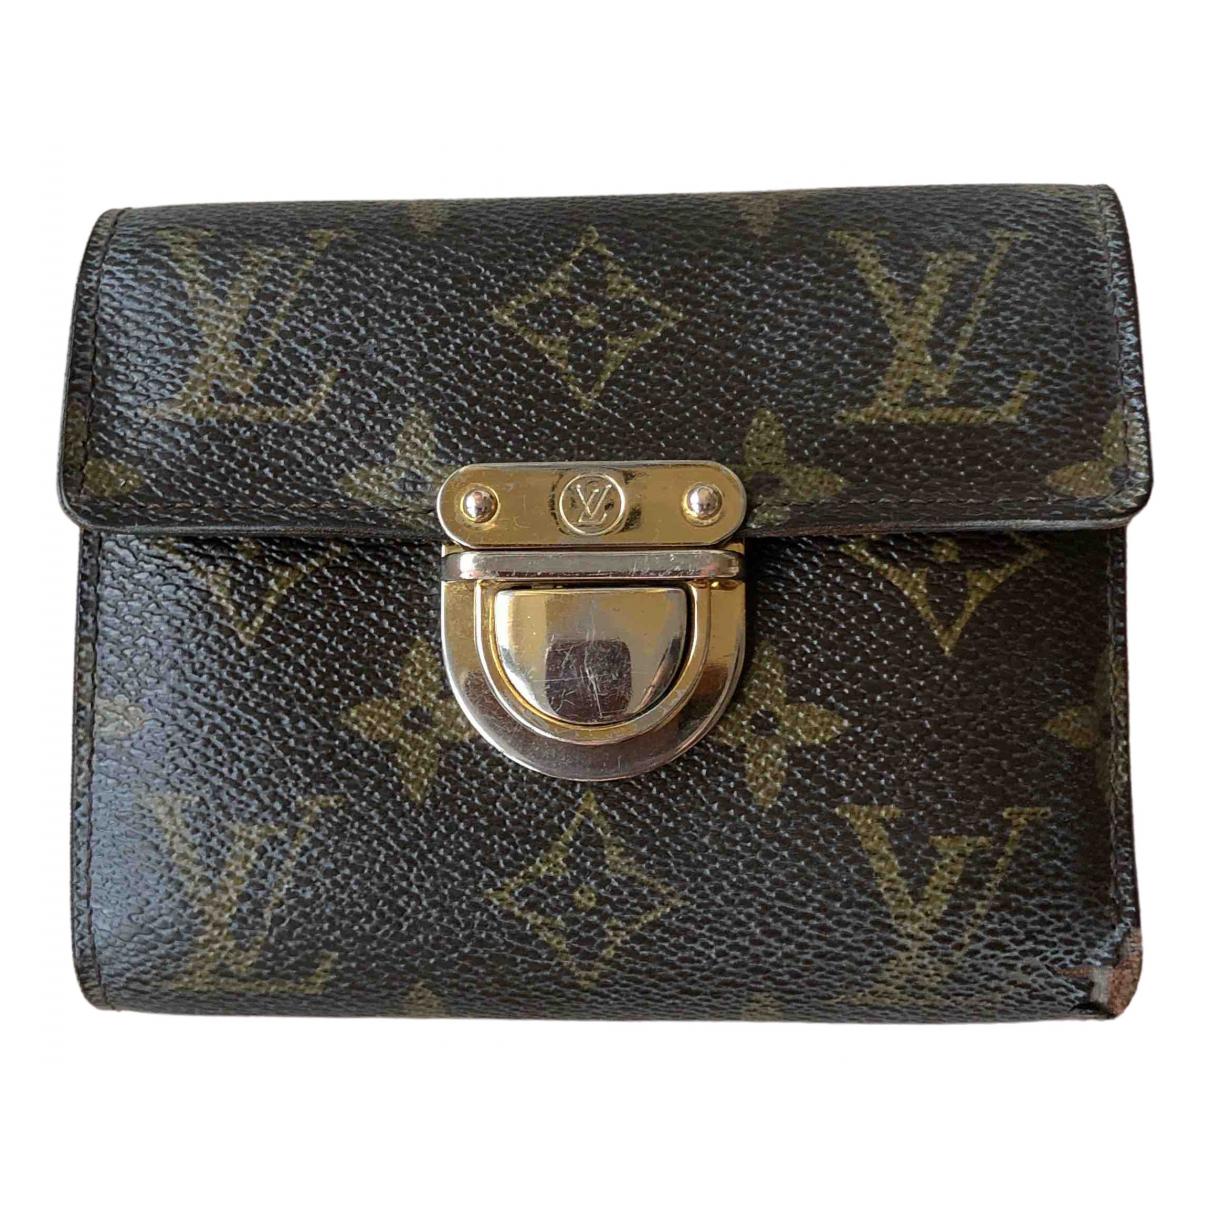 Louis Vuitton - Portefeuille Koala pour femme en cuir - marron